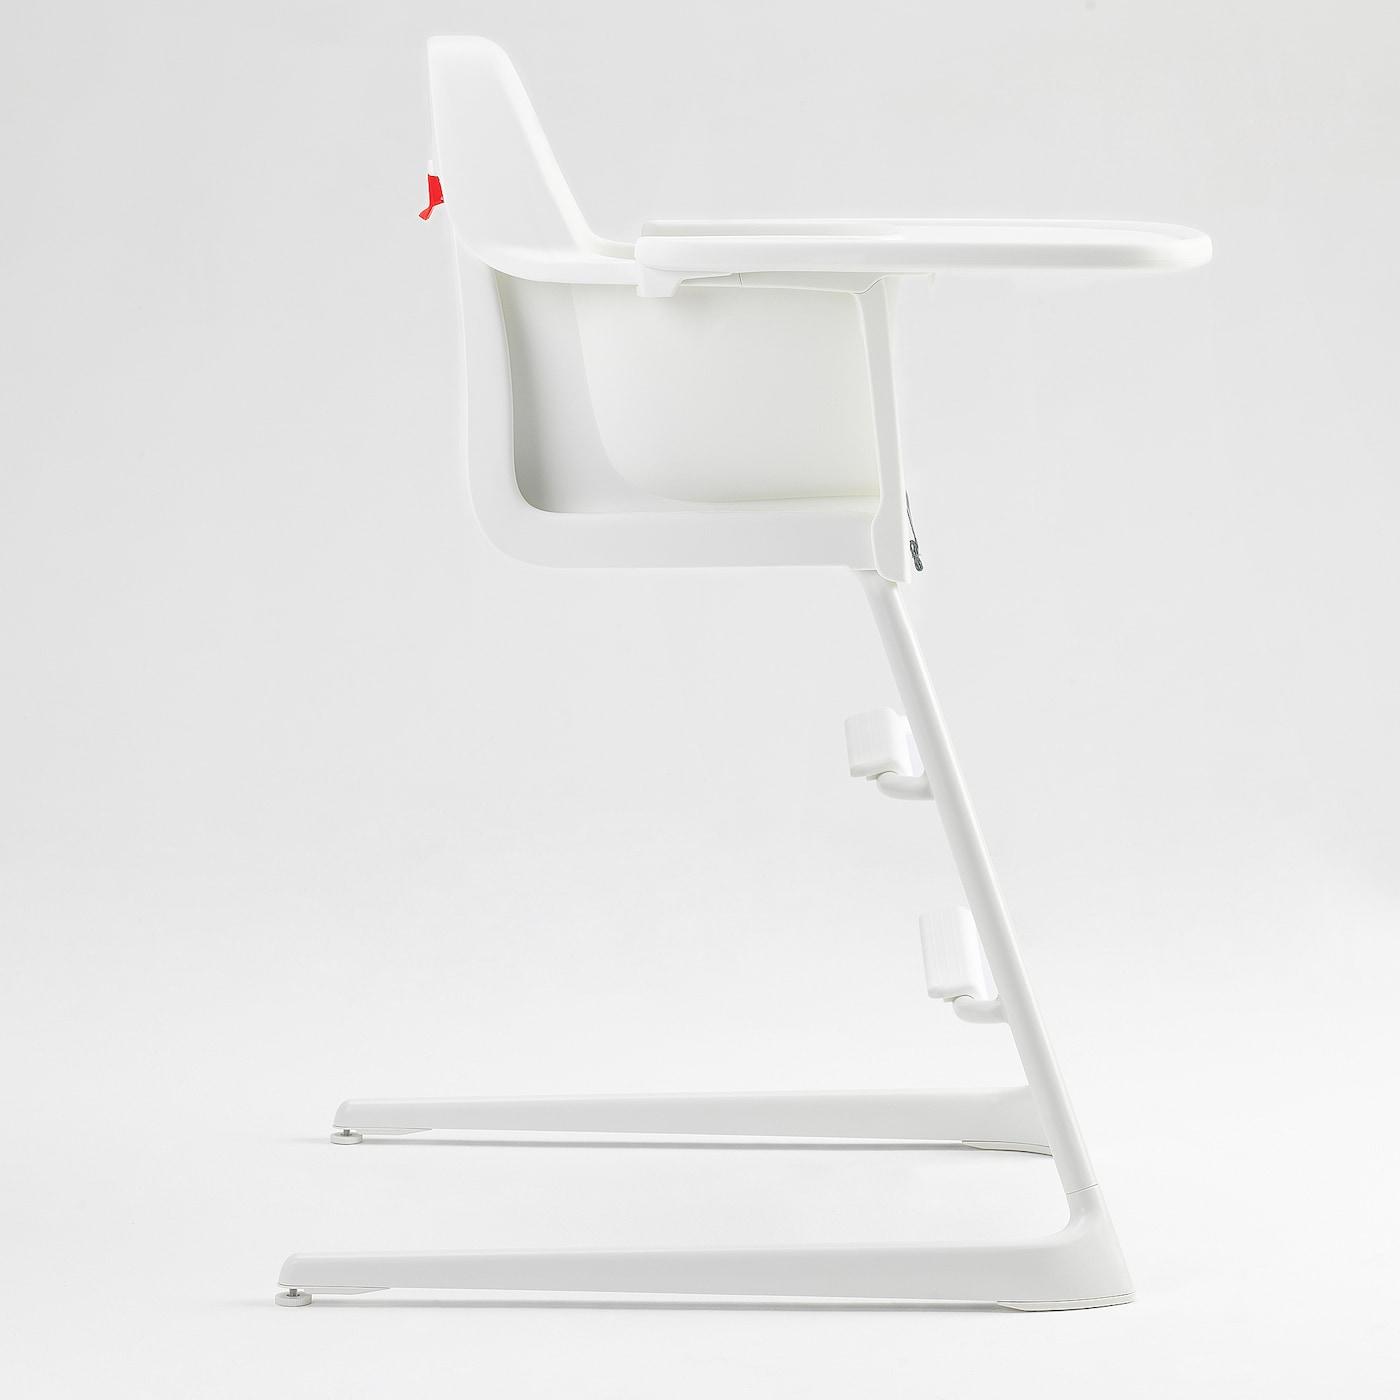 ЛАНГУР дитяч стіл/стільчик д/год зі стільн білий 56 см 61 см 87 см 22 см 21 см 56 см